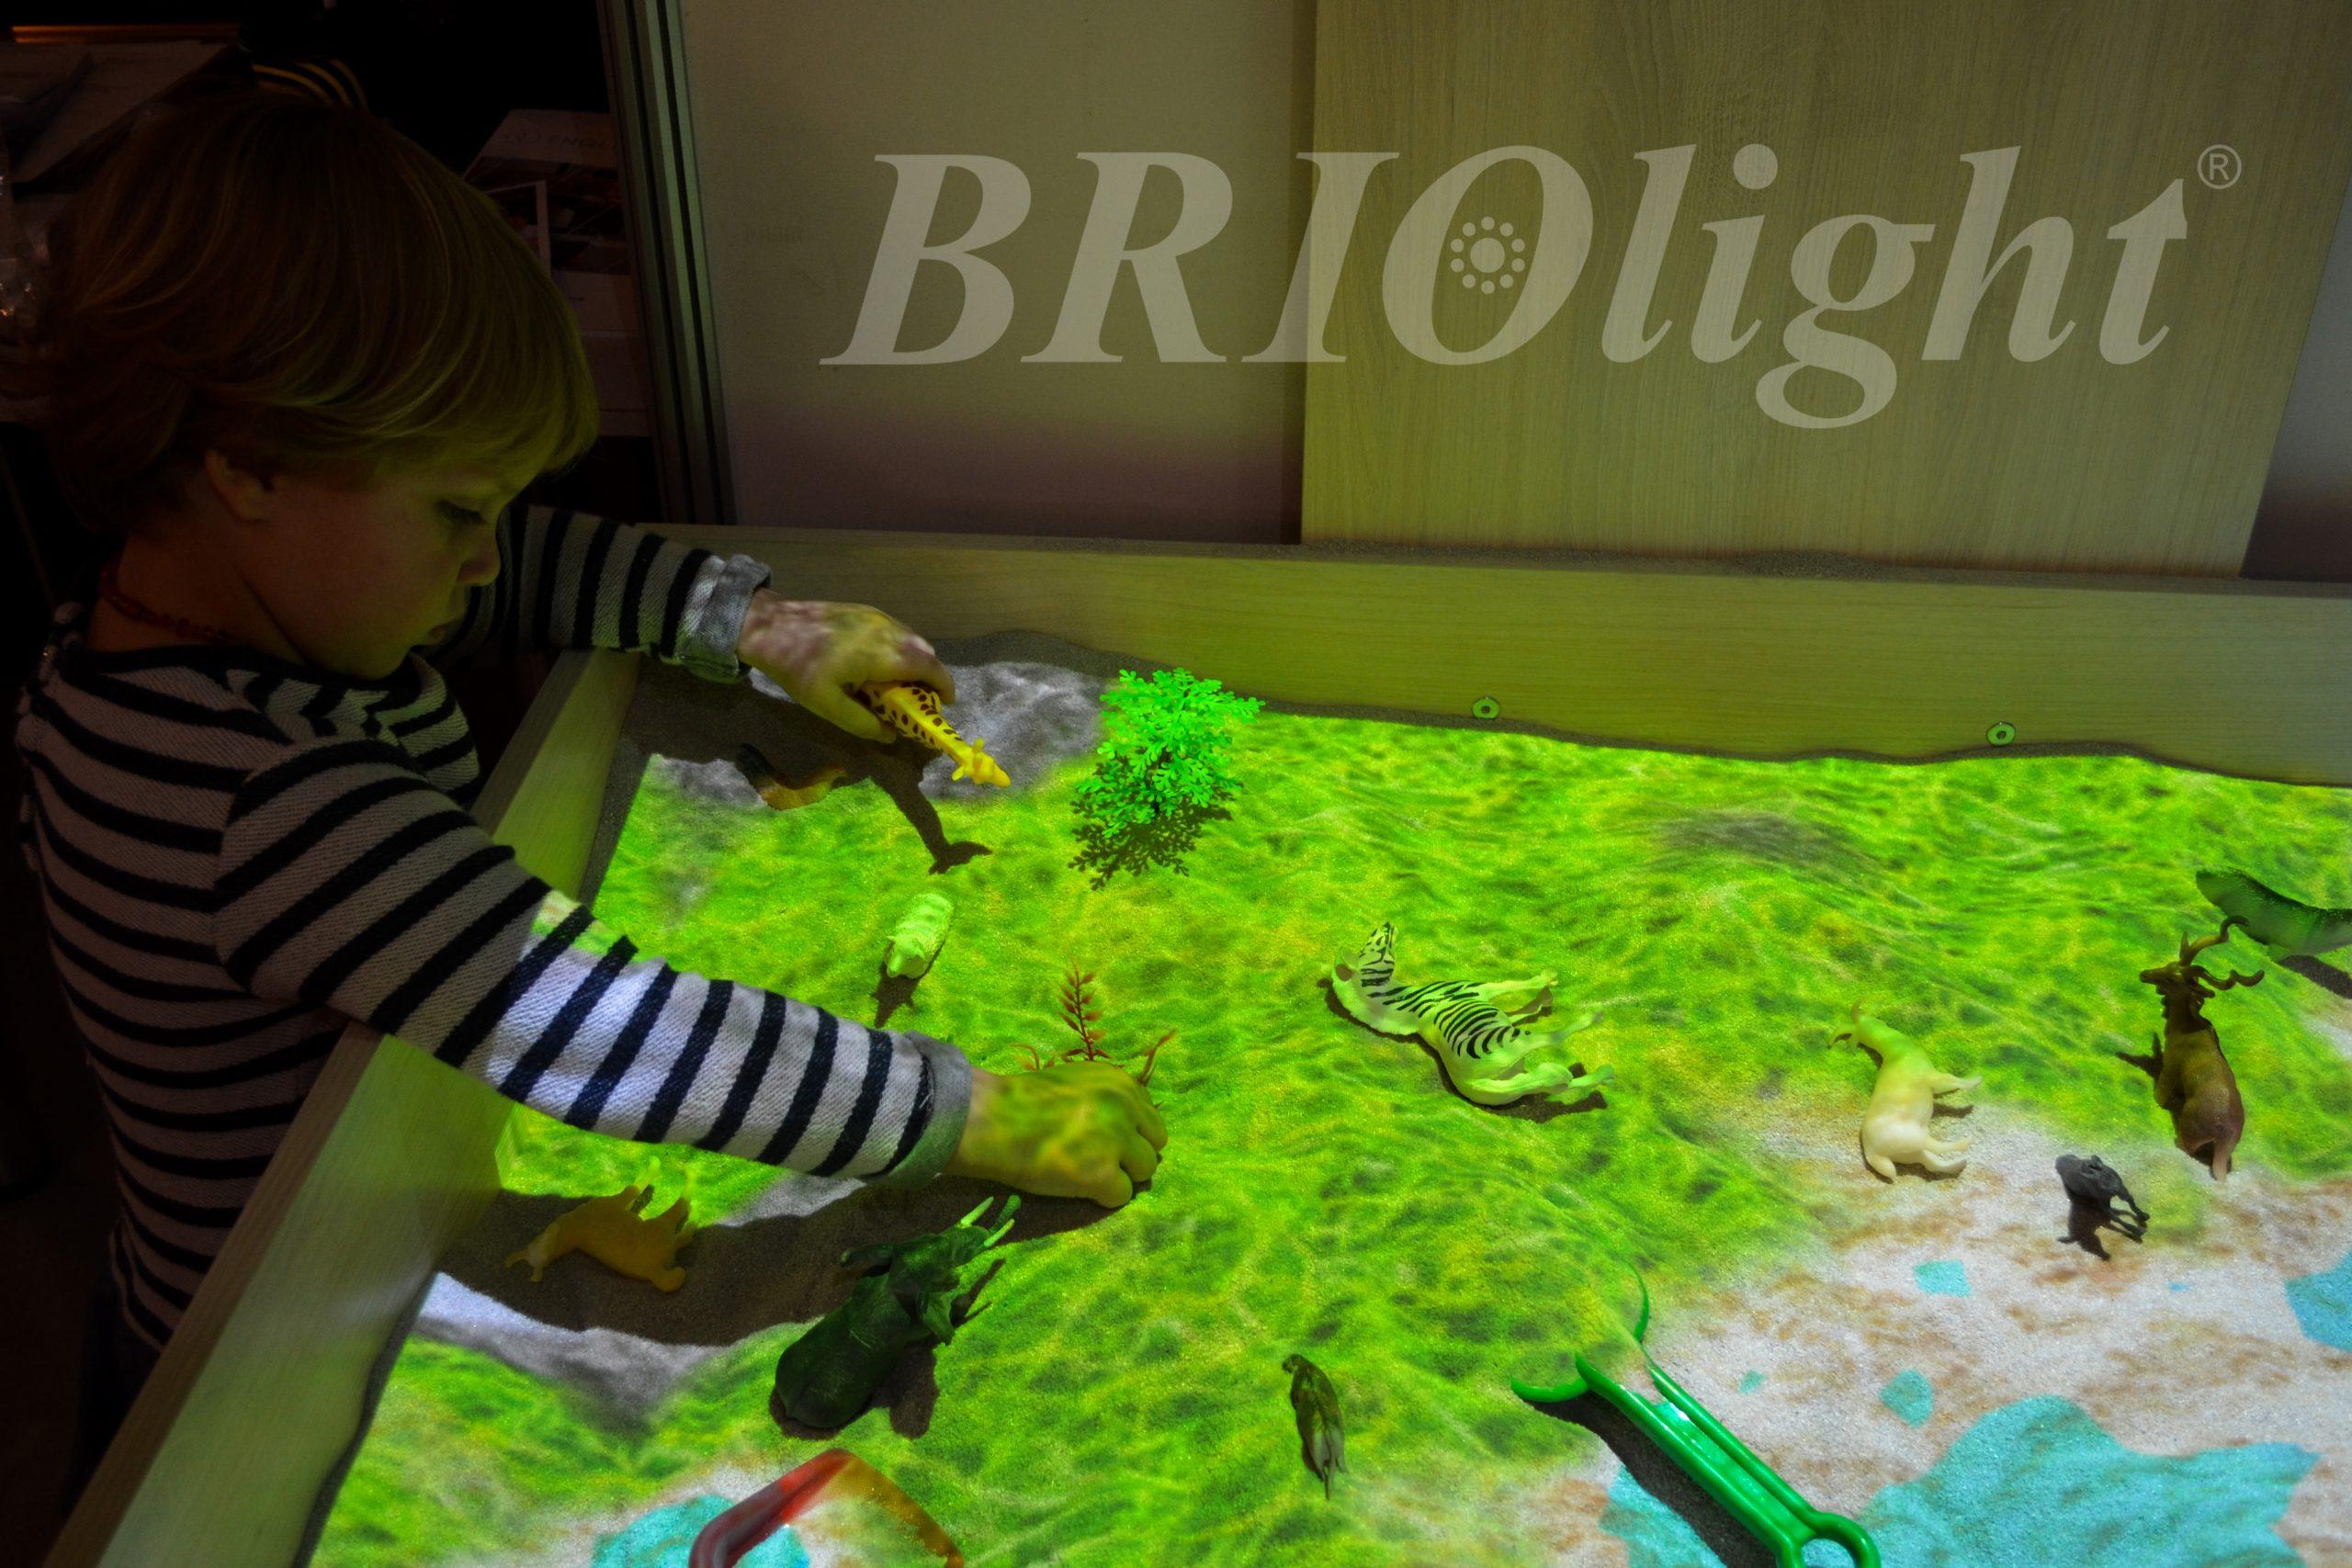 інтерактивна пісочниця для реабілітації